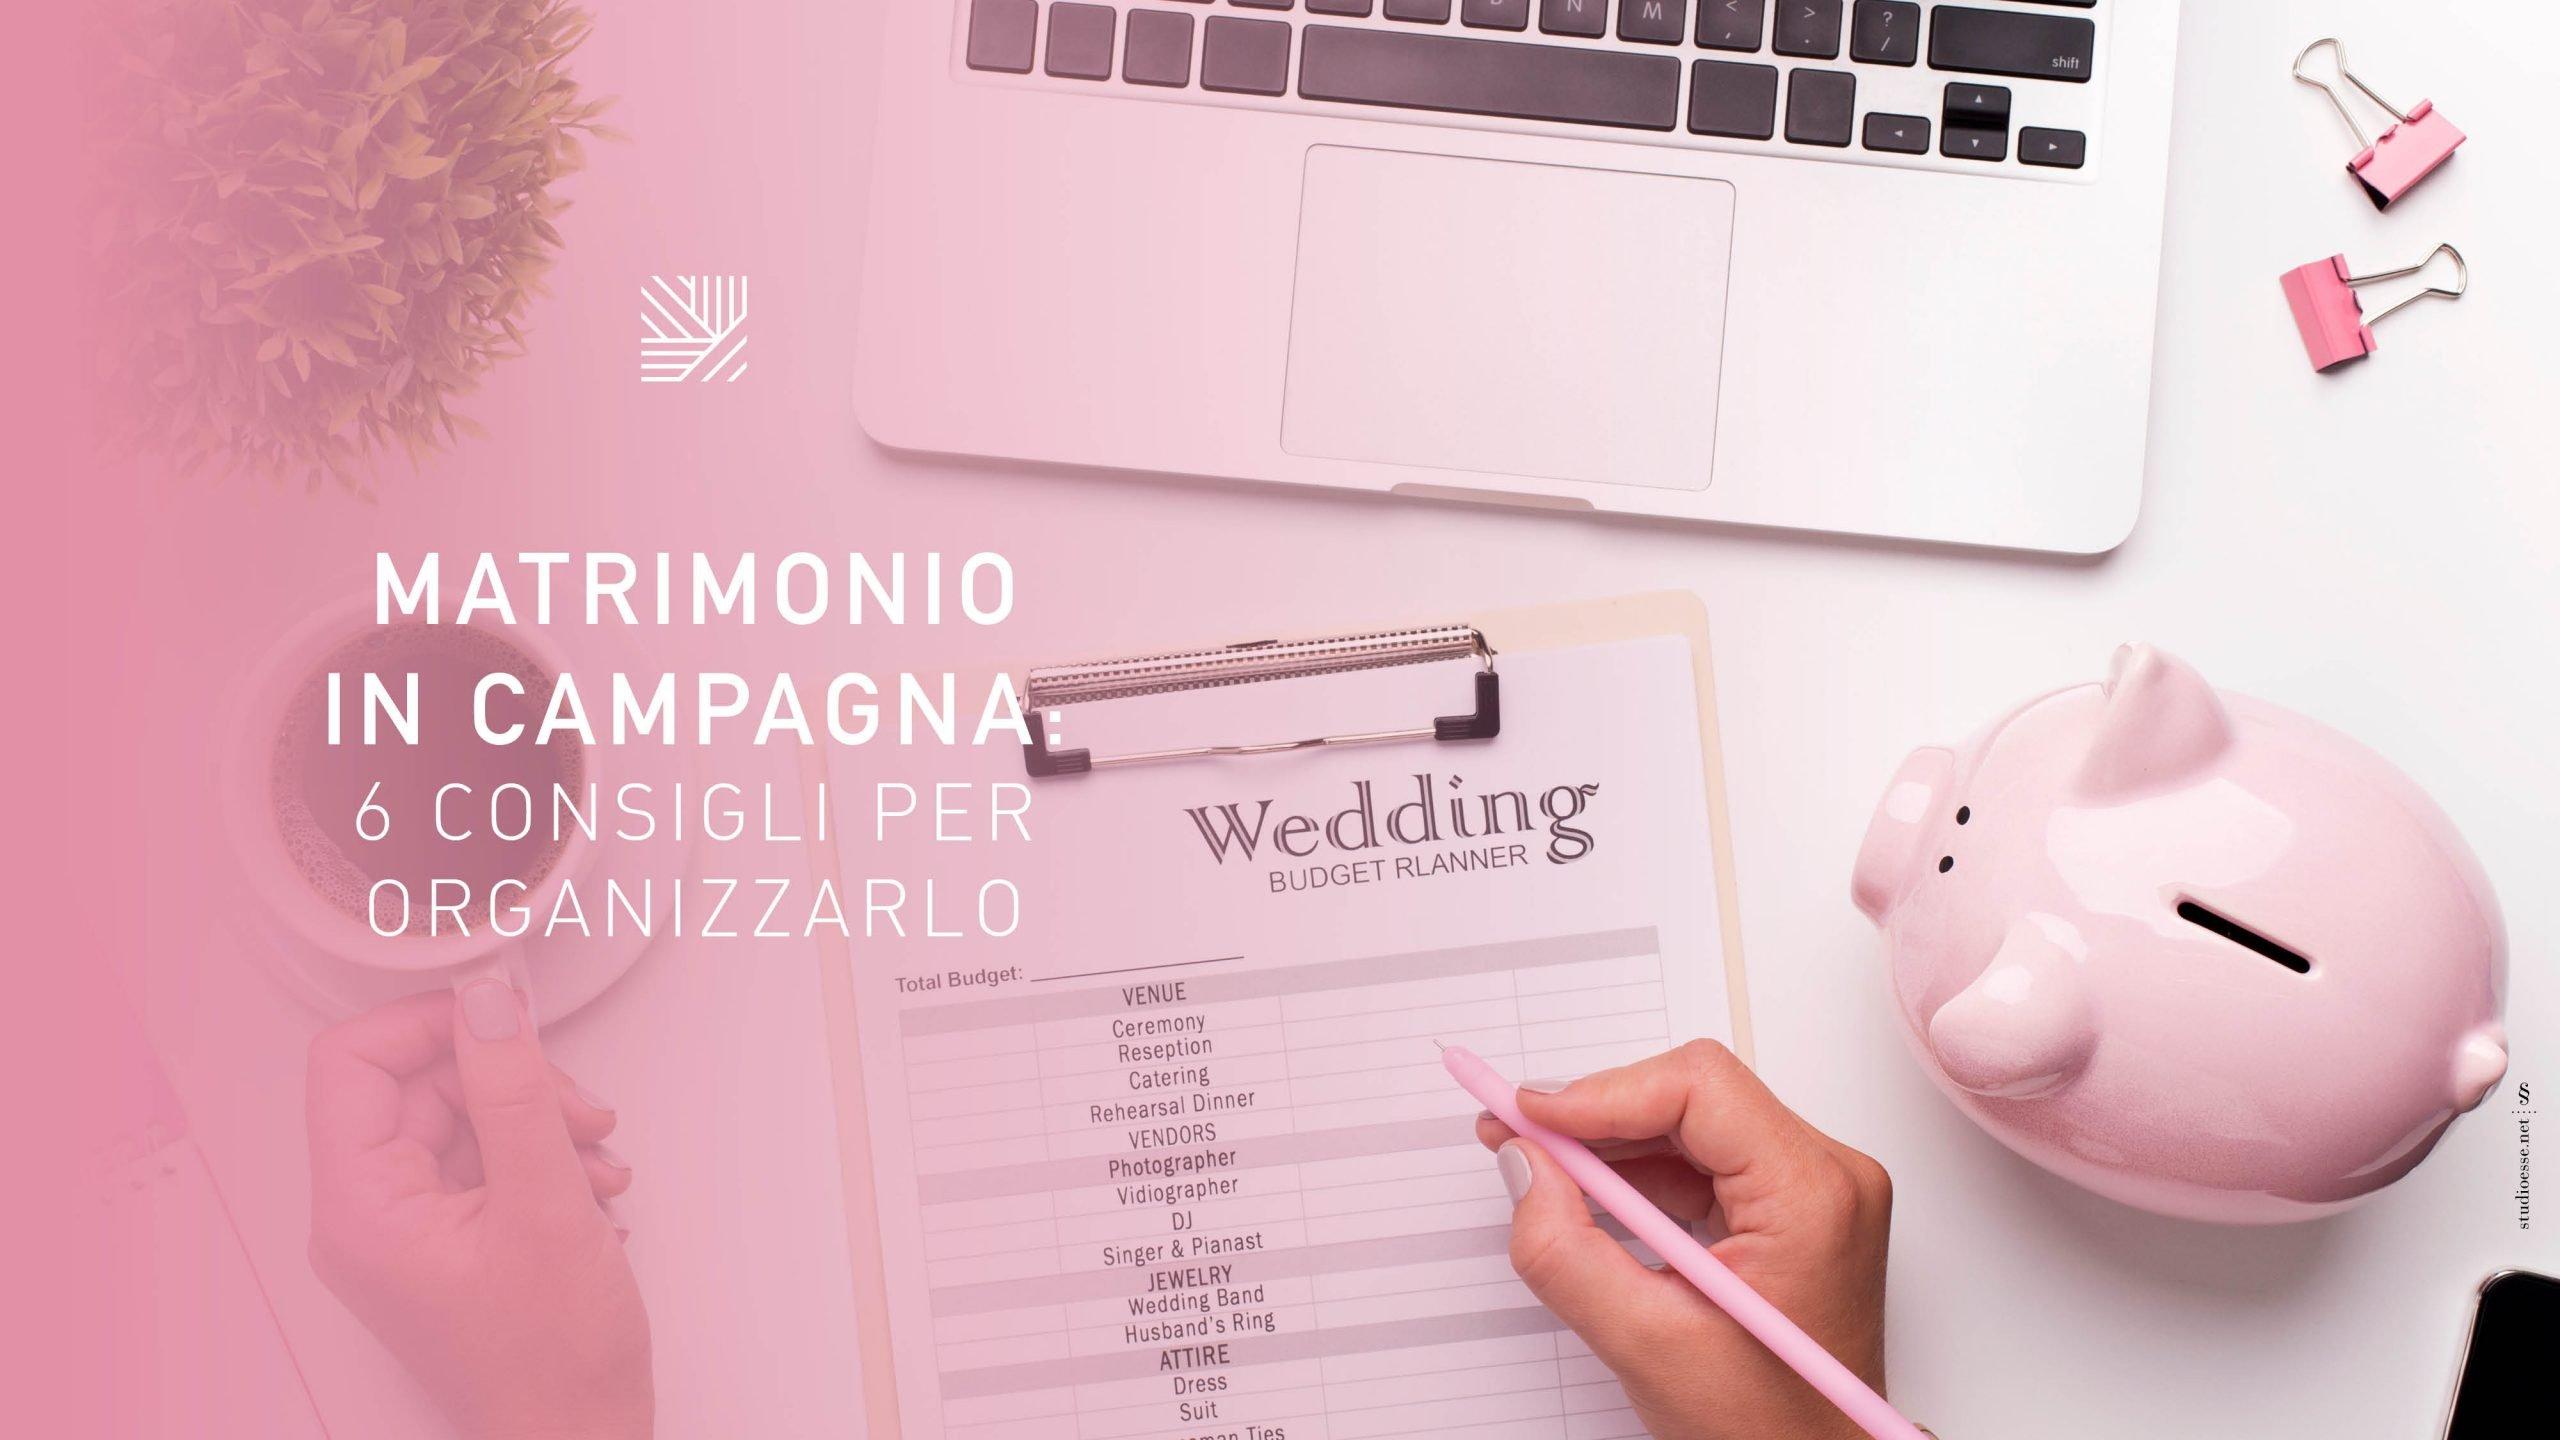 Matrimonio in campagna: 6 consigli per organizzarlo